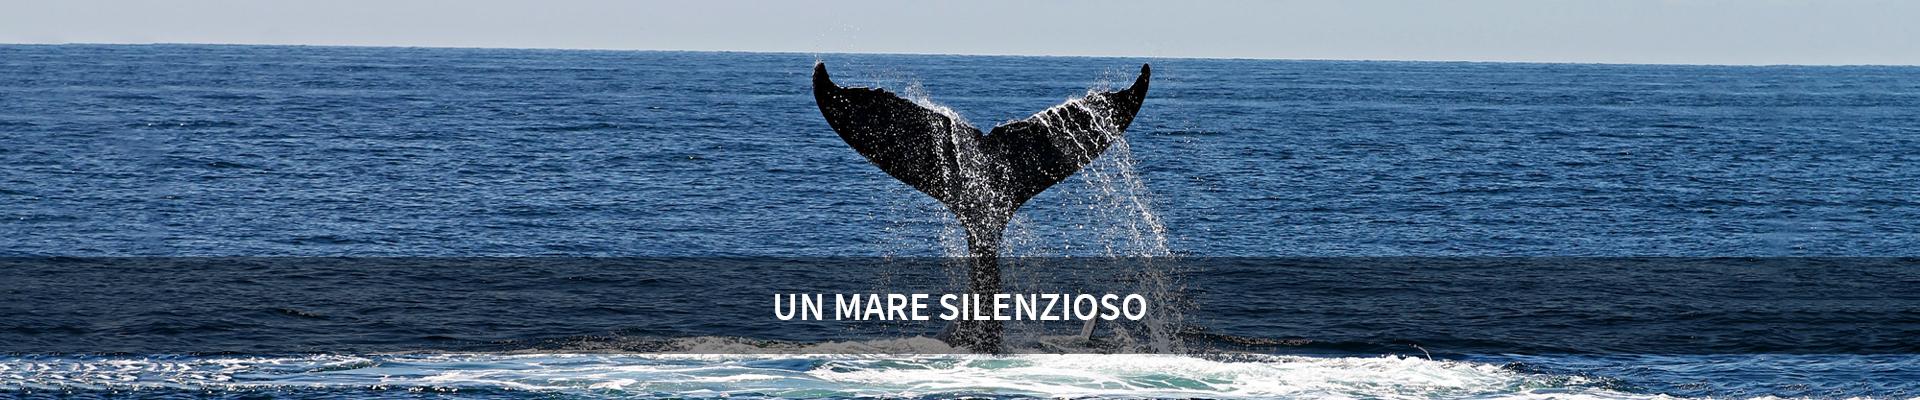 Un mare silenzioso -